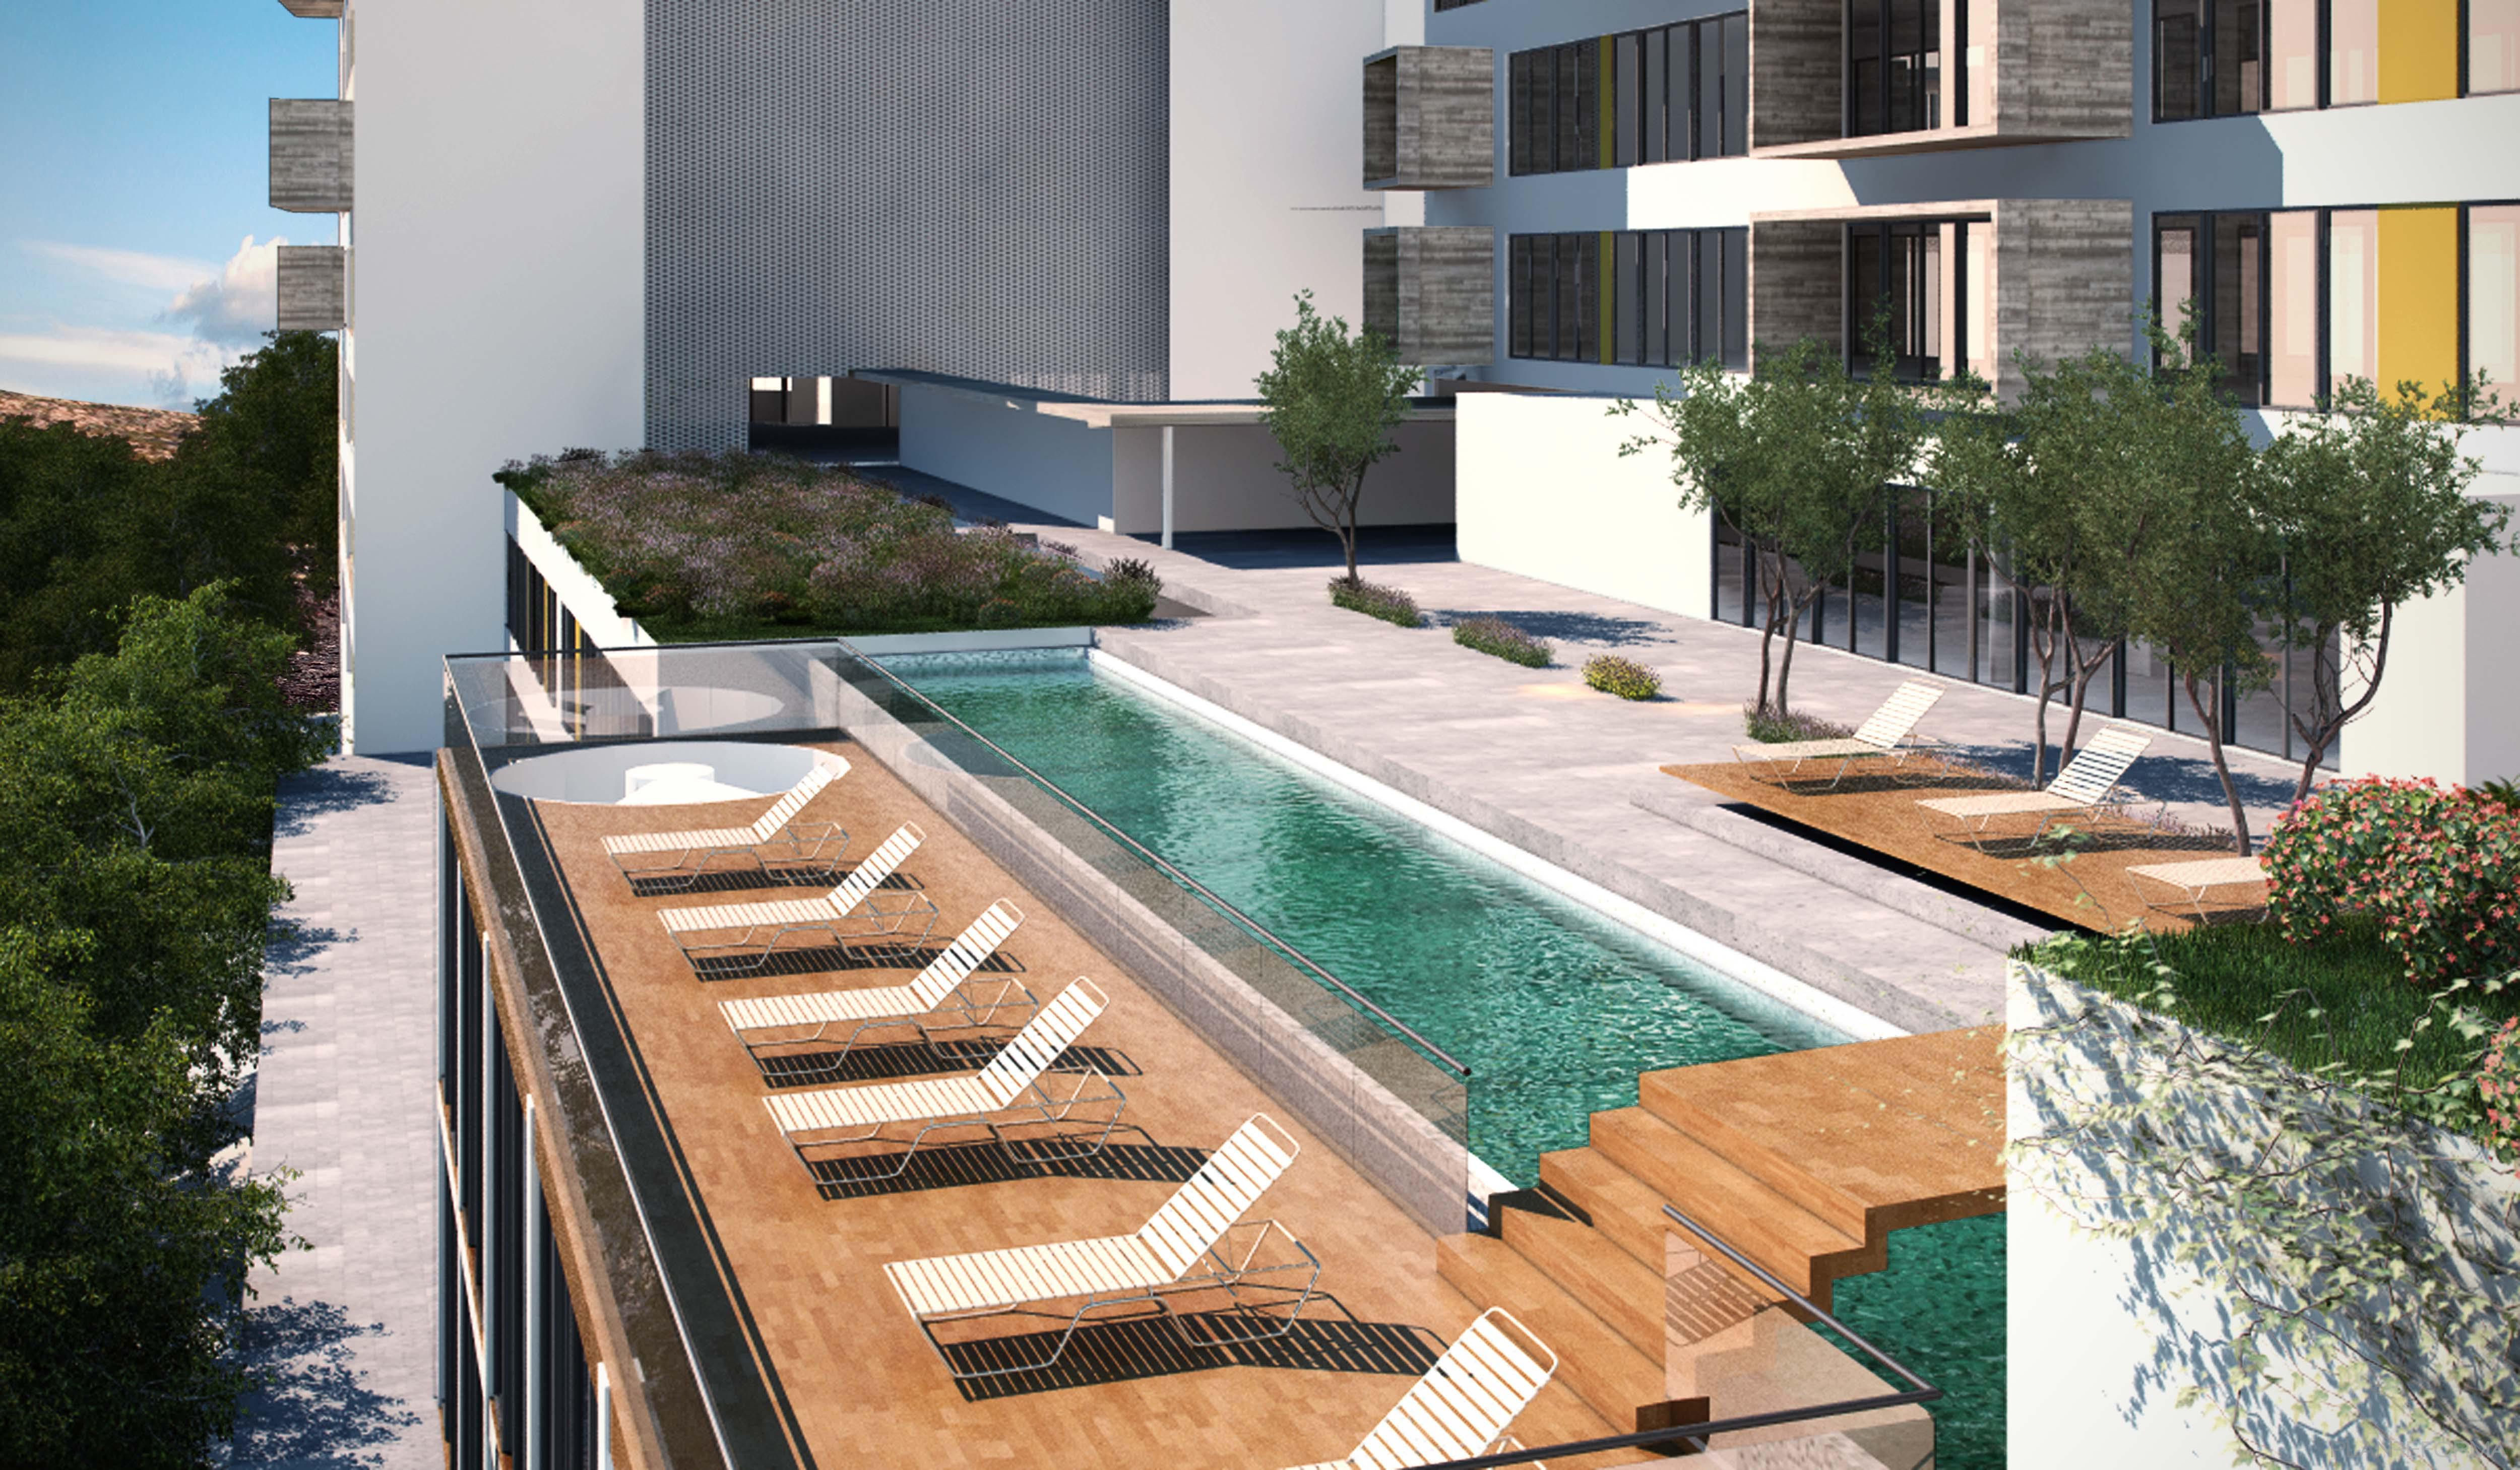 Terraza balcon piscina exterior jardin style moderno for Piscina exterior